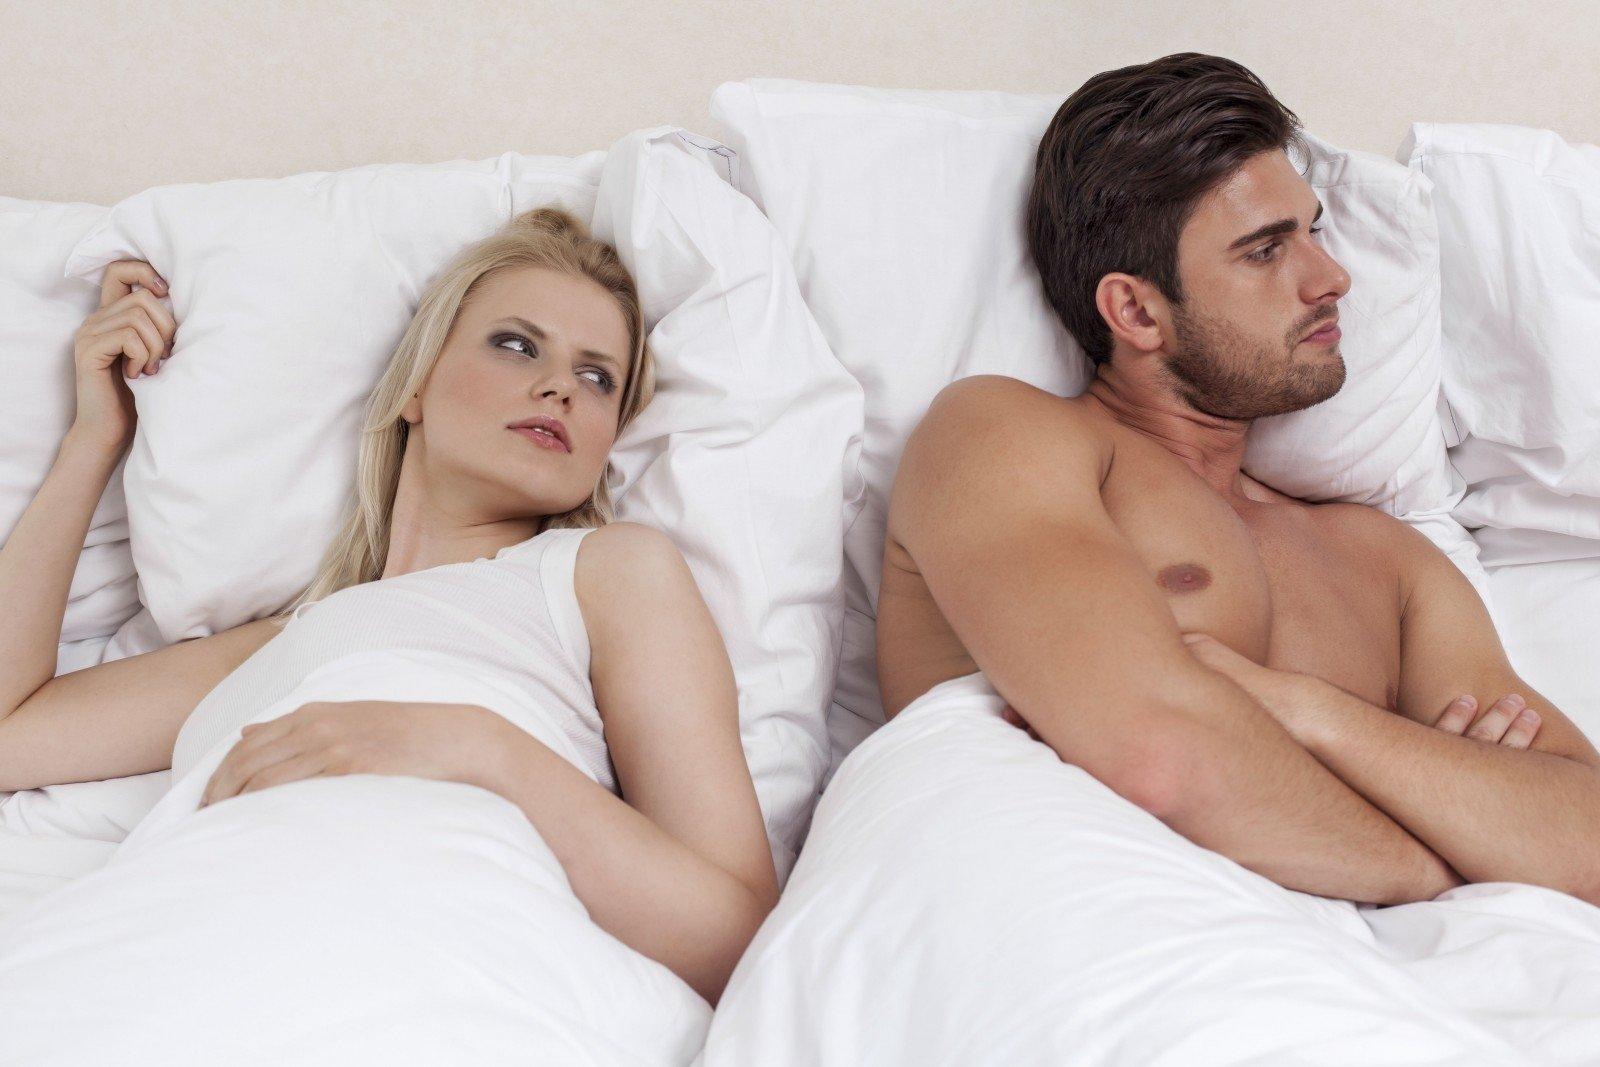 naktį erekcija yra normali